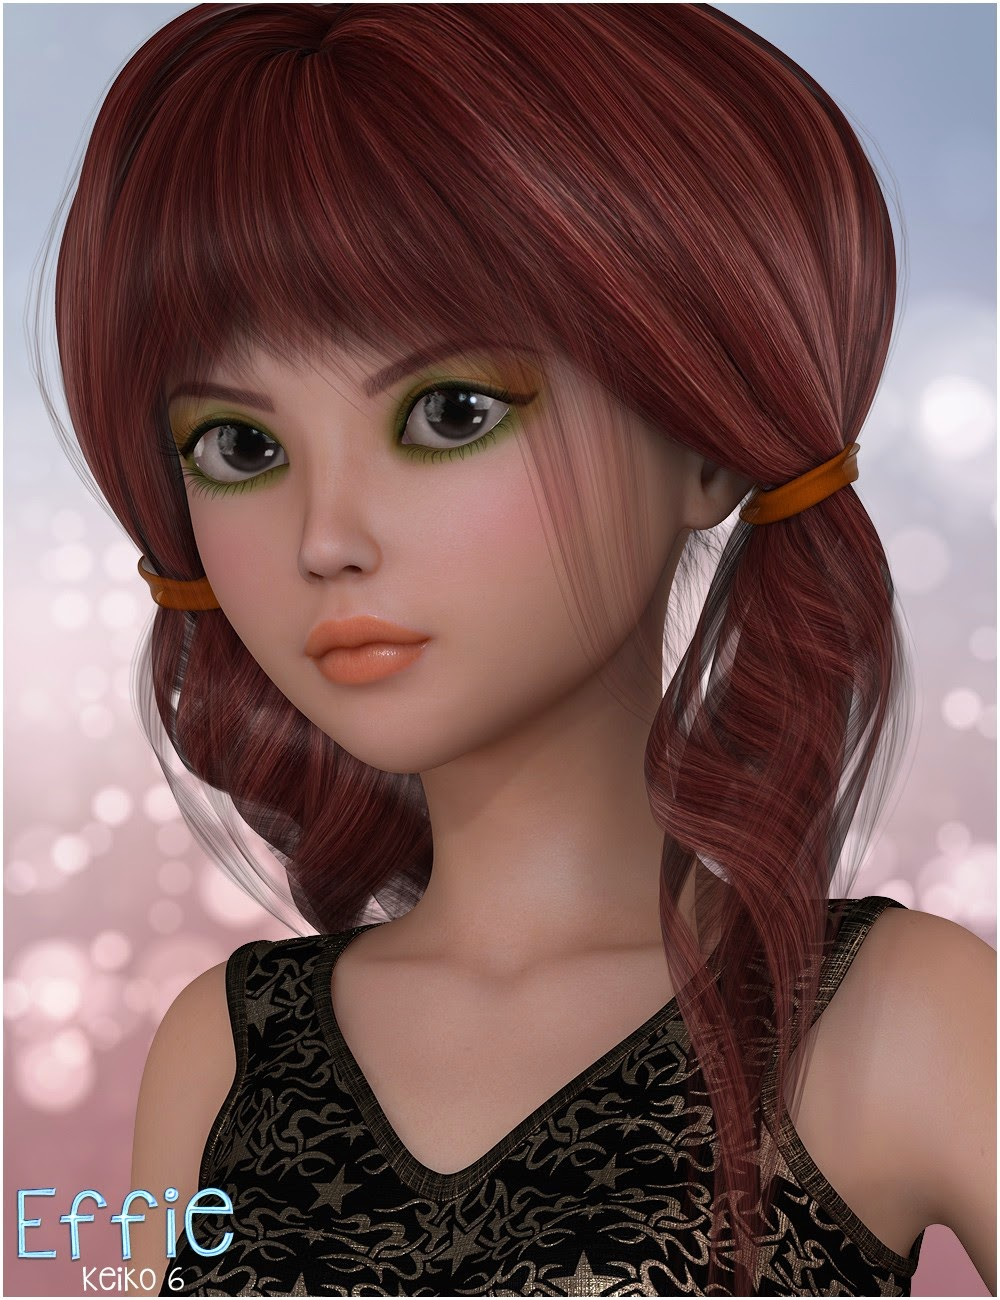 FWSA Effie pour Keiko 6